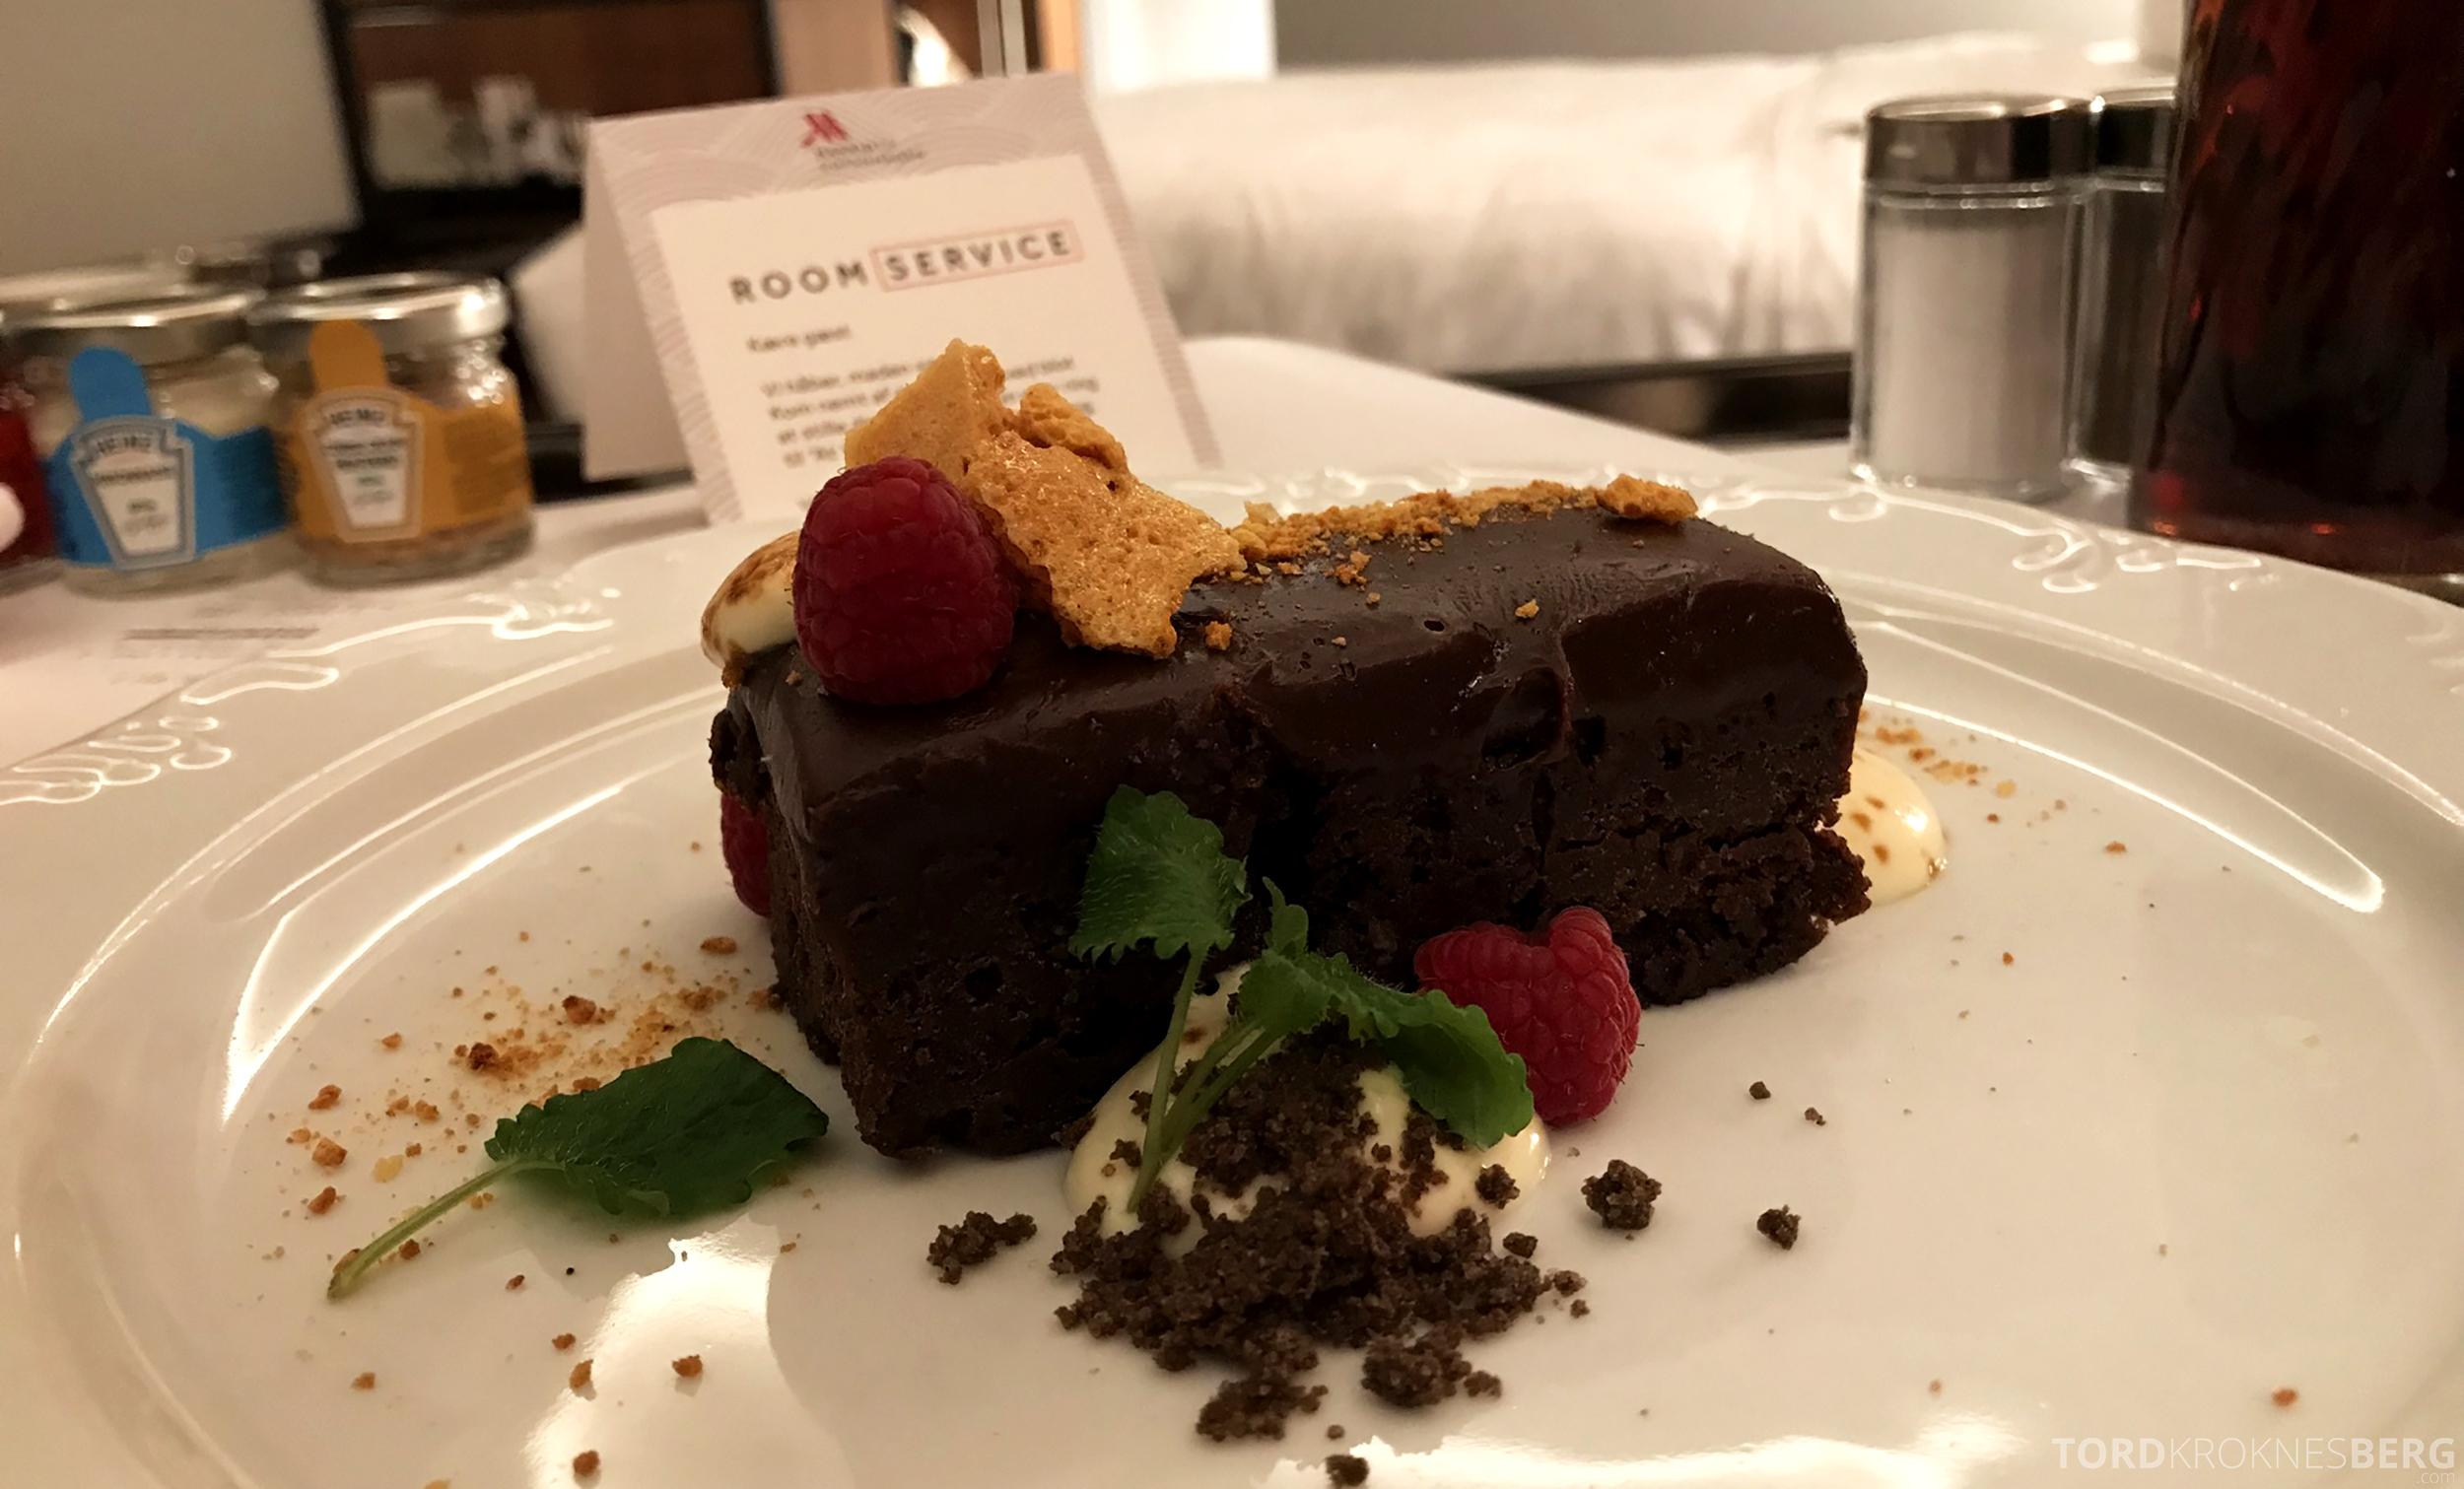 Marriott Copenhagen Hotel room service dessert